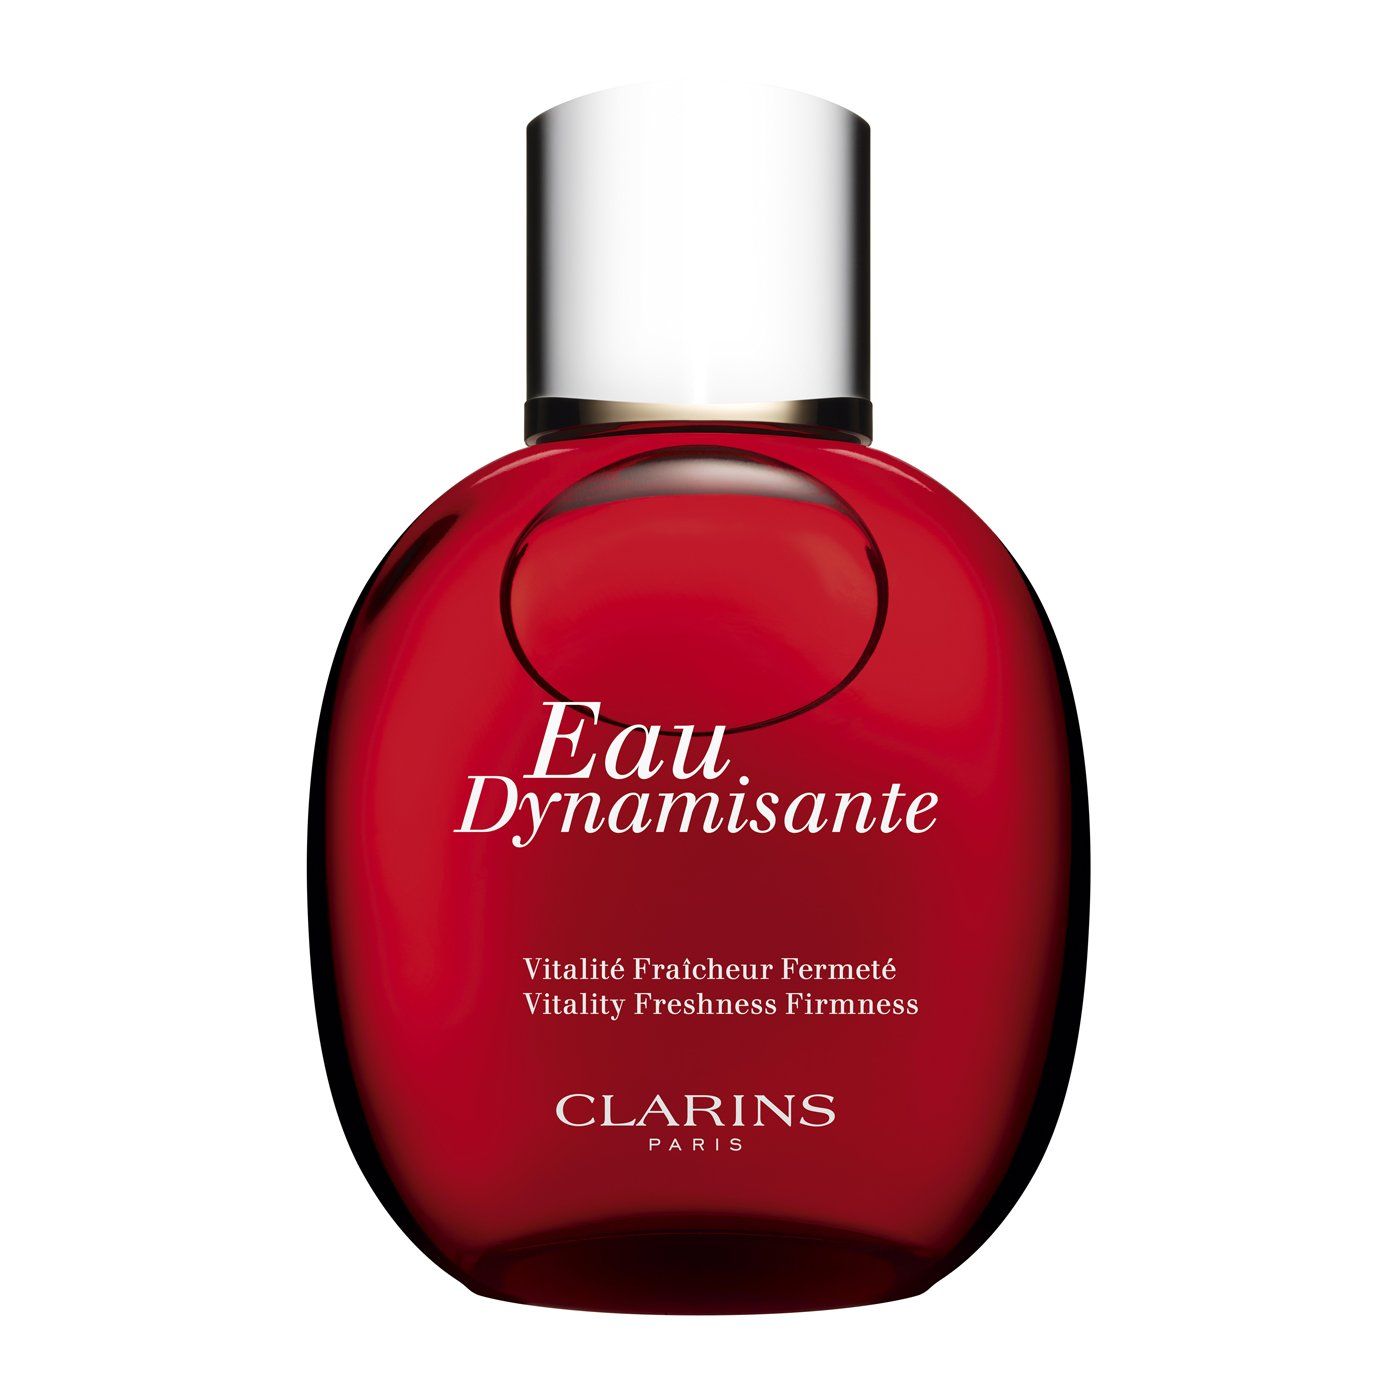 Clarins' Eau Dynamisante